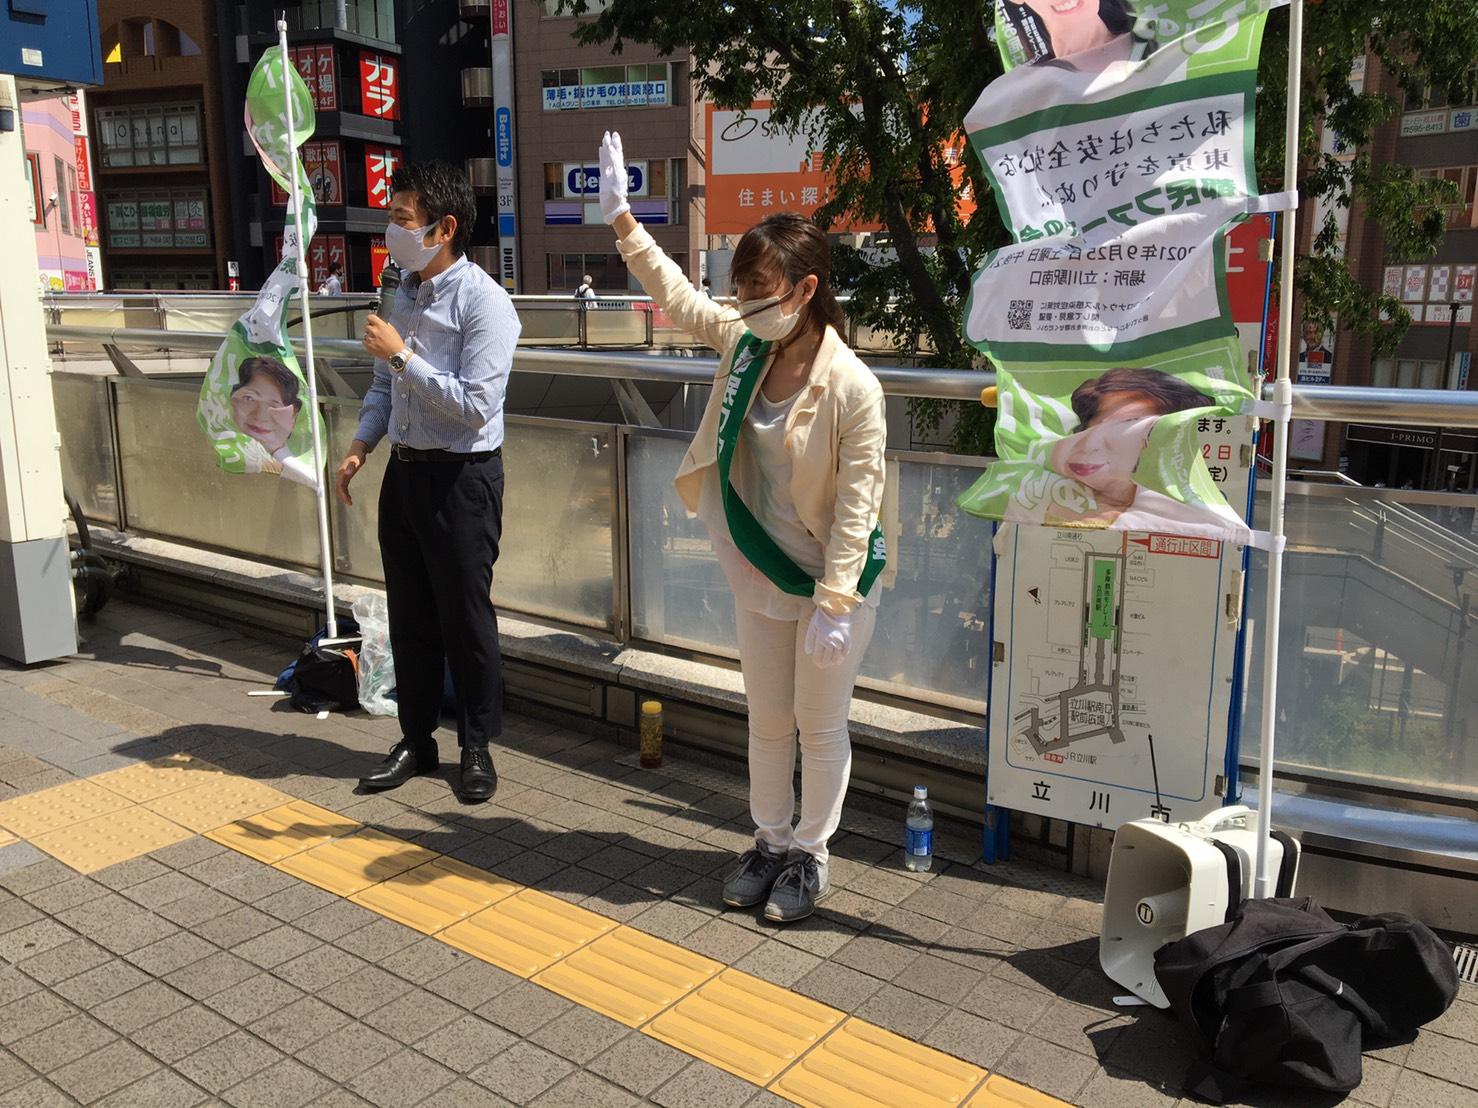 都議会議員候補(立川市)、いしとびかおり、立川駅前でごあいさつ